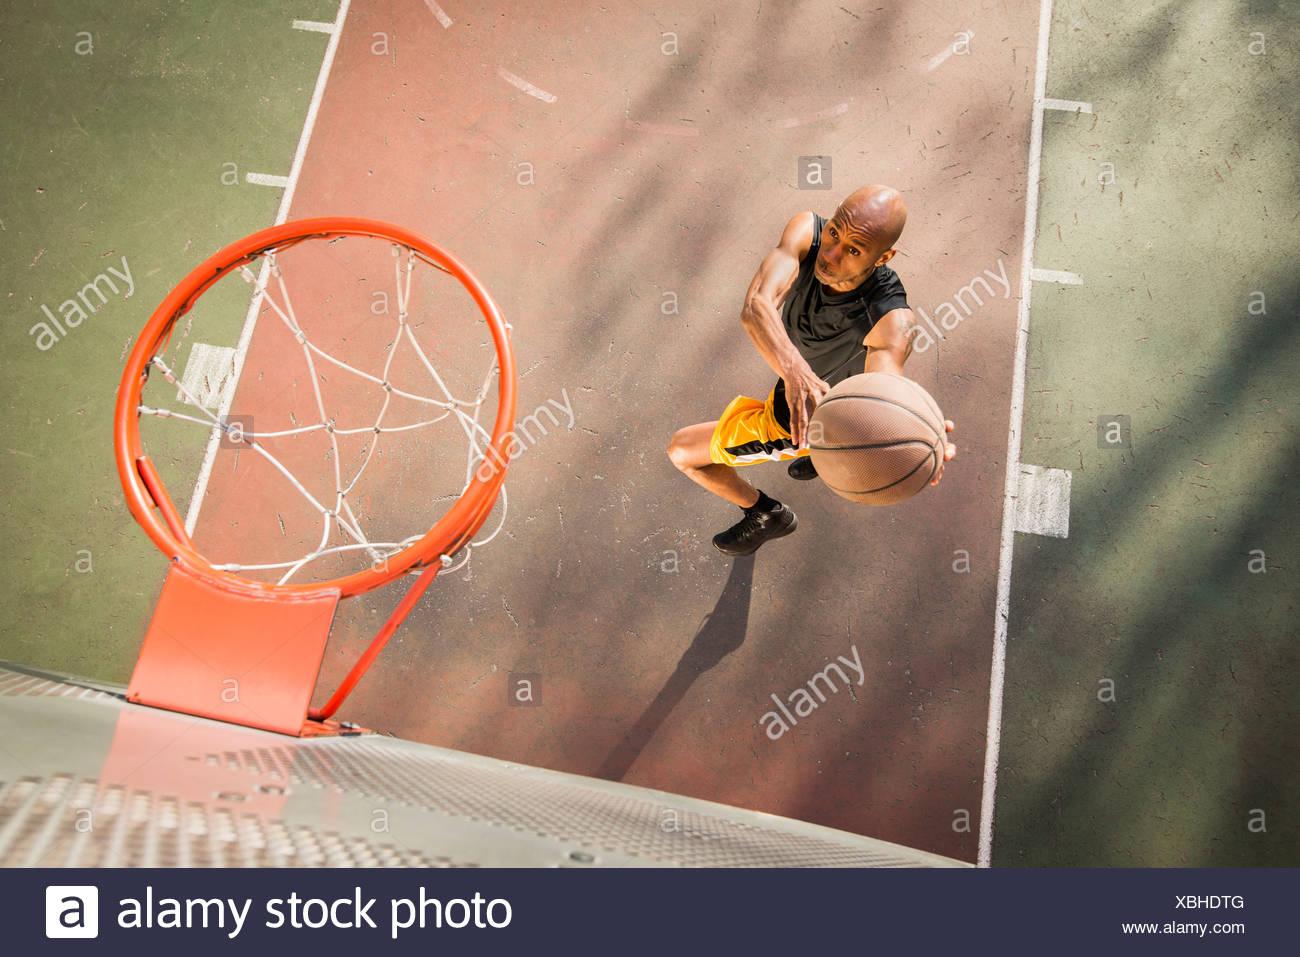 Basketball player shooting - Stock Image